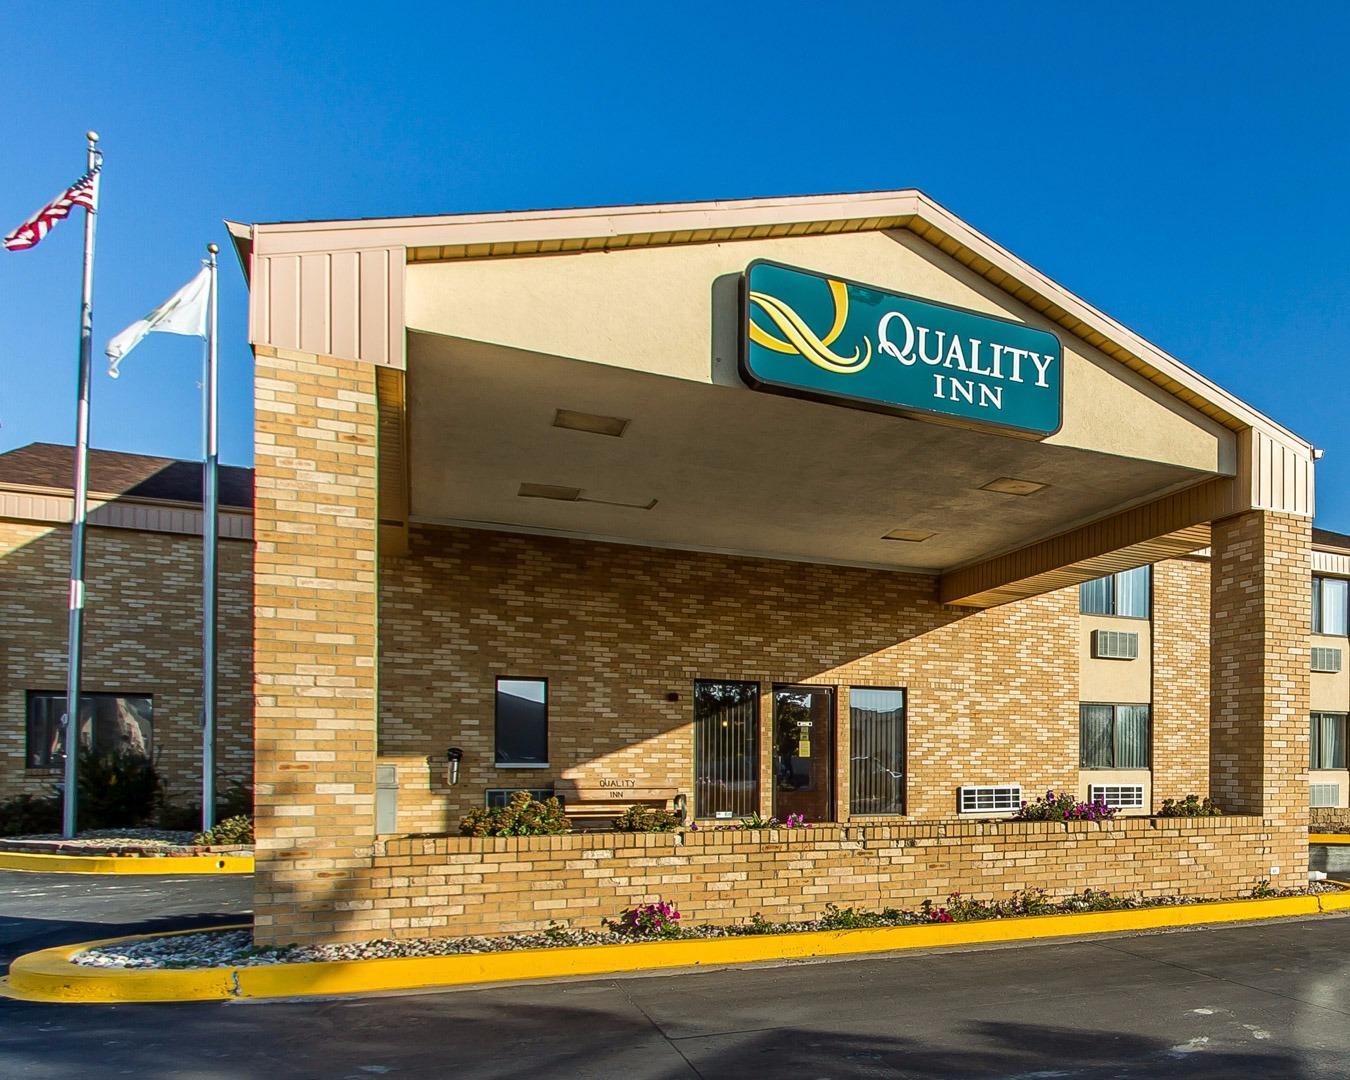 Quality Inn, Burlington IA